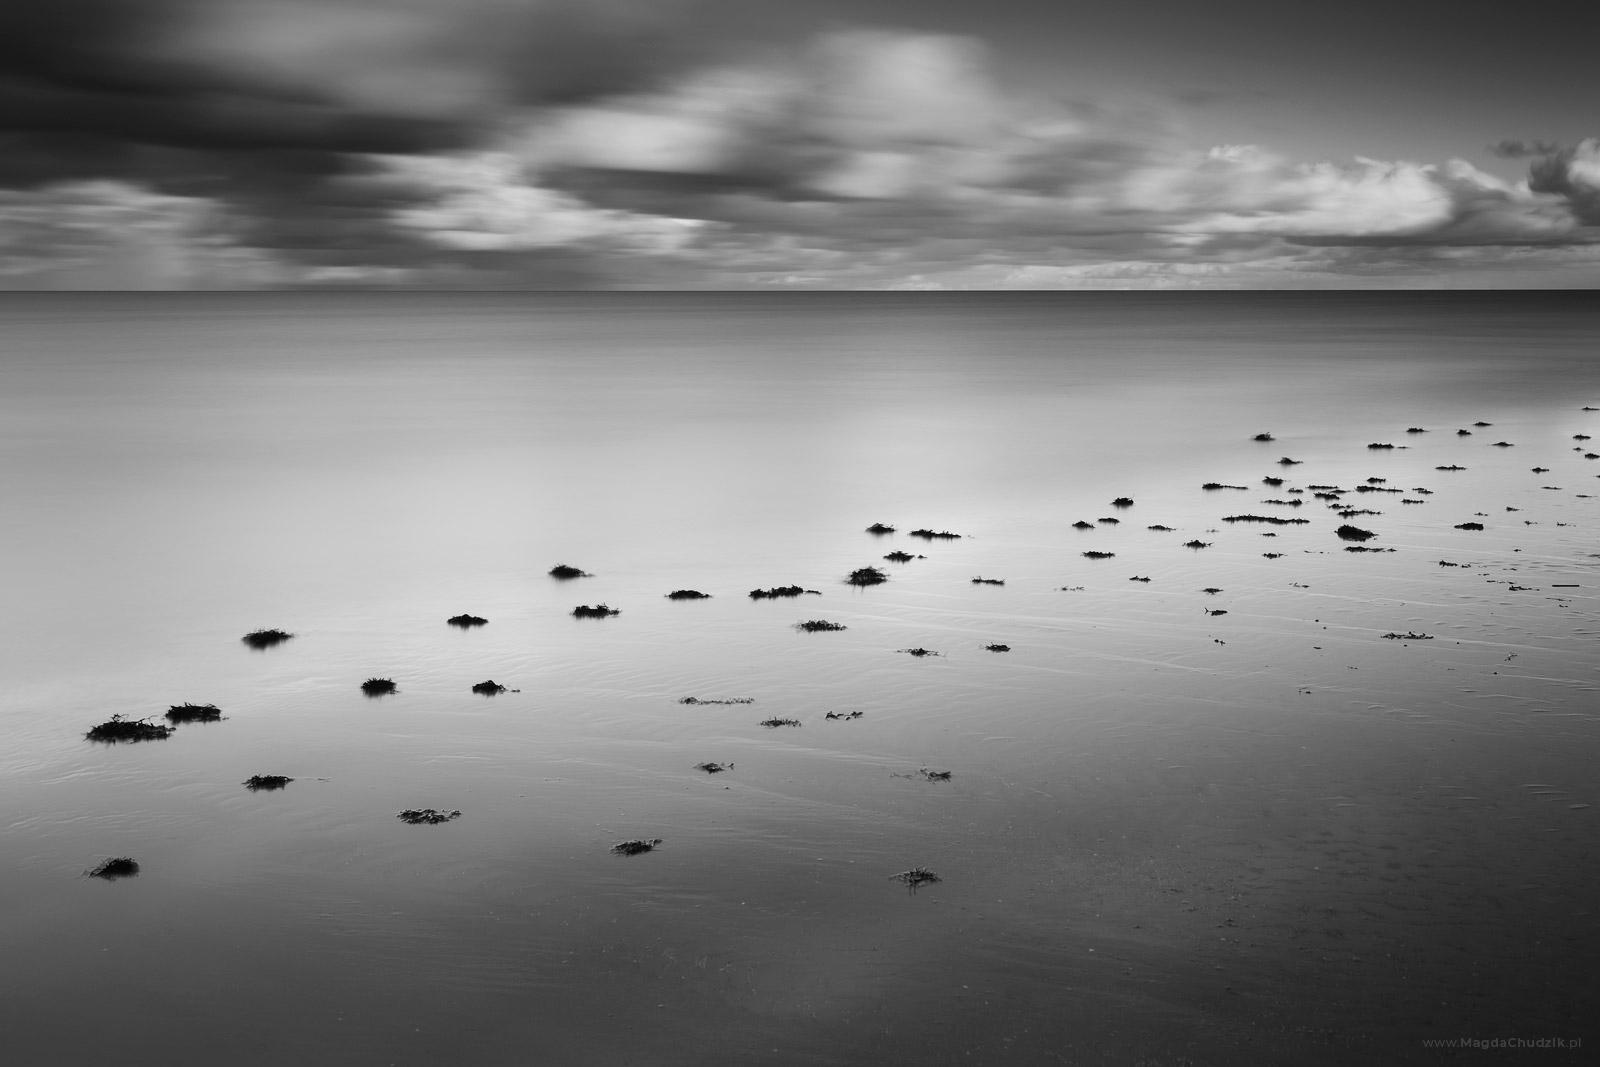 magda-chudzik-black-and-white-landscape-photography-67